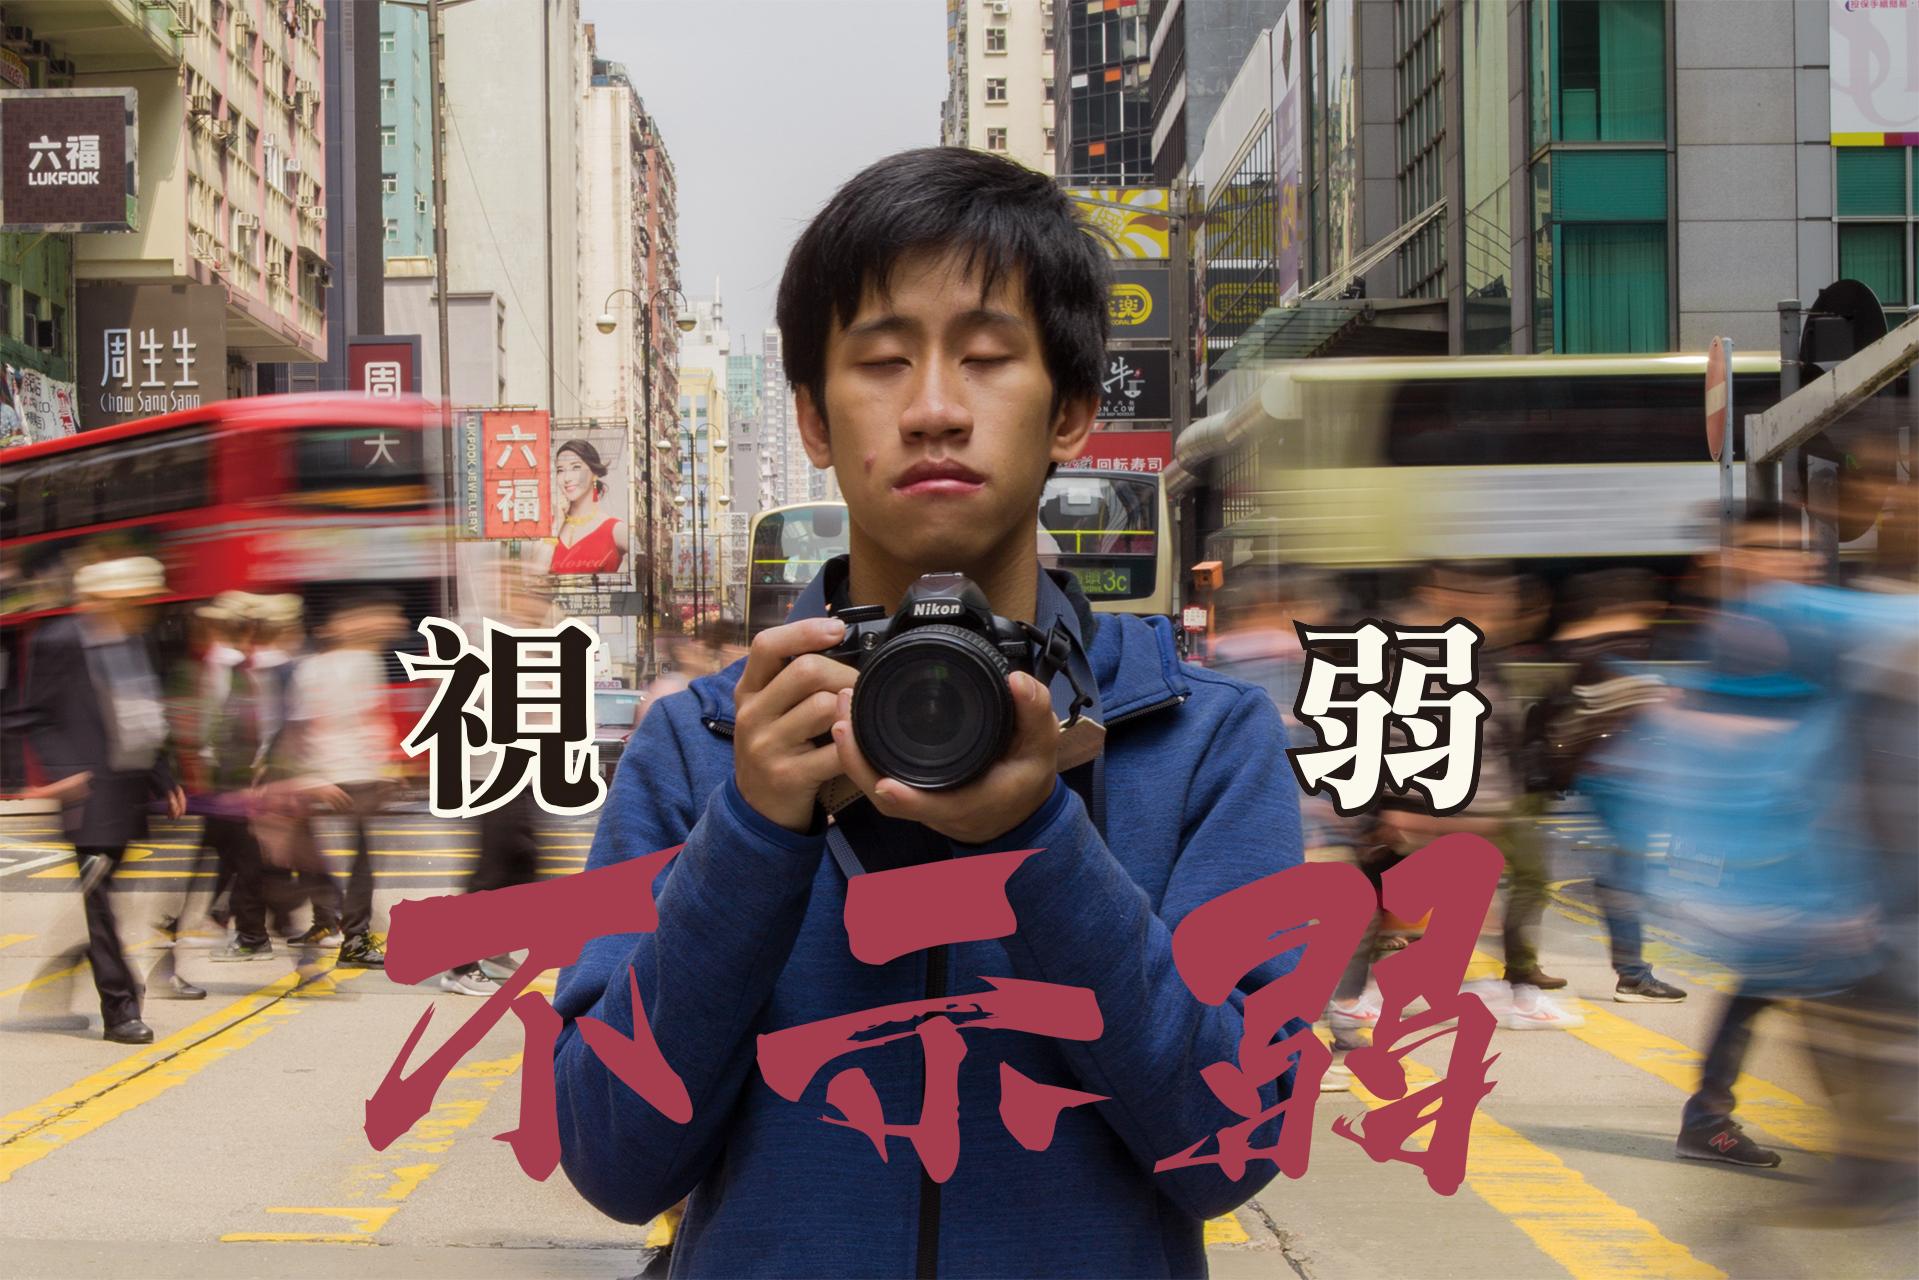 141_photos_open